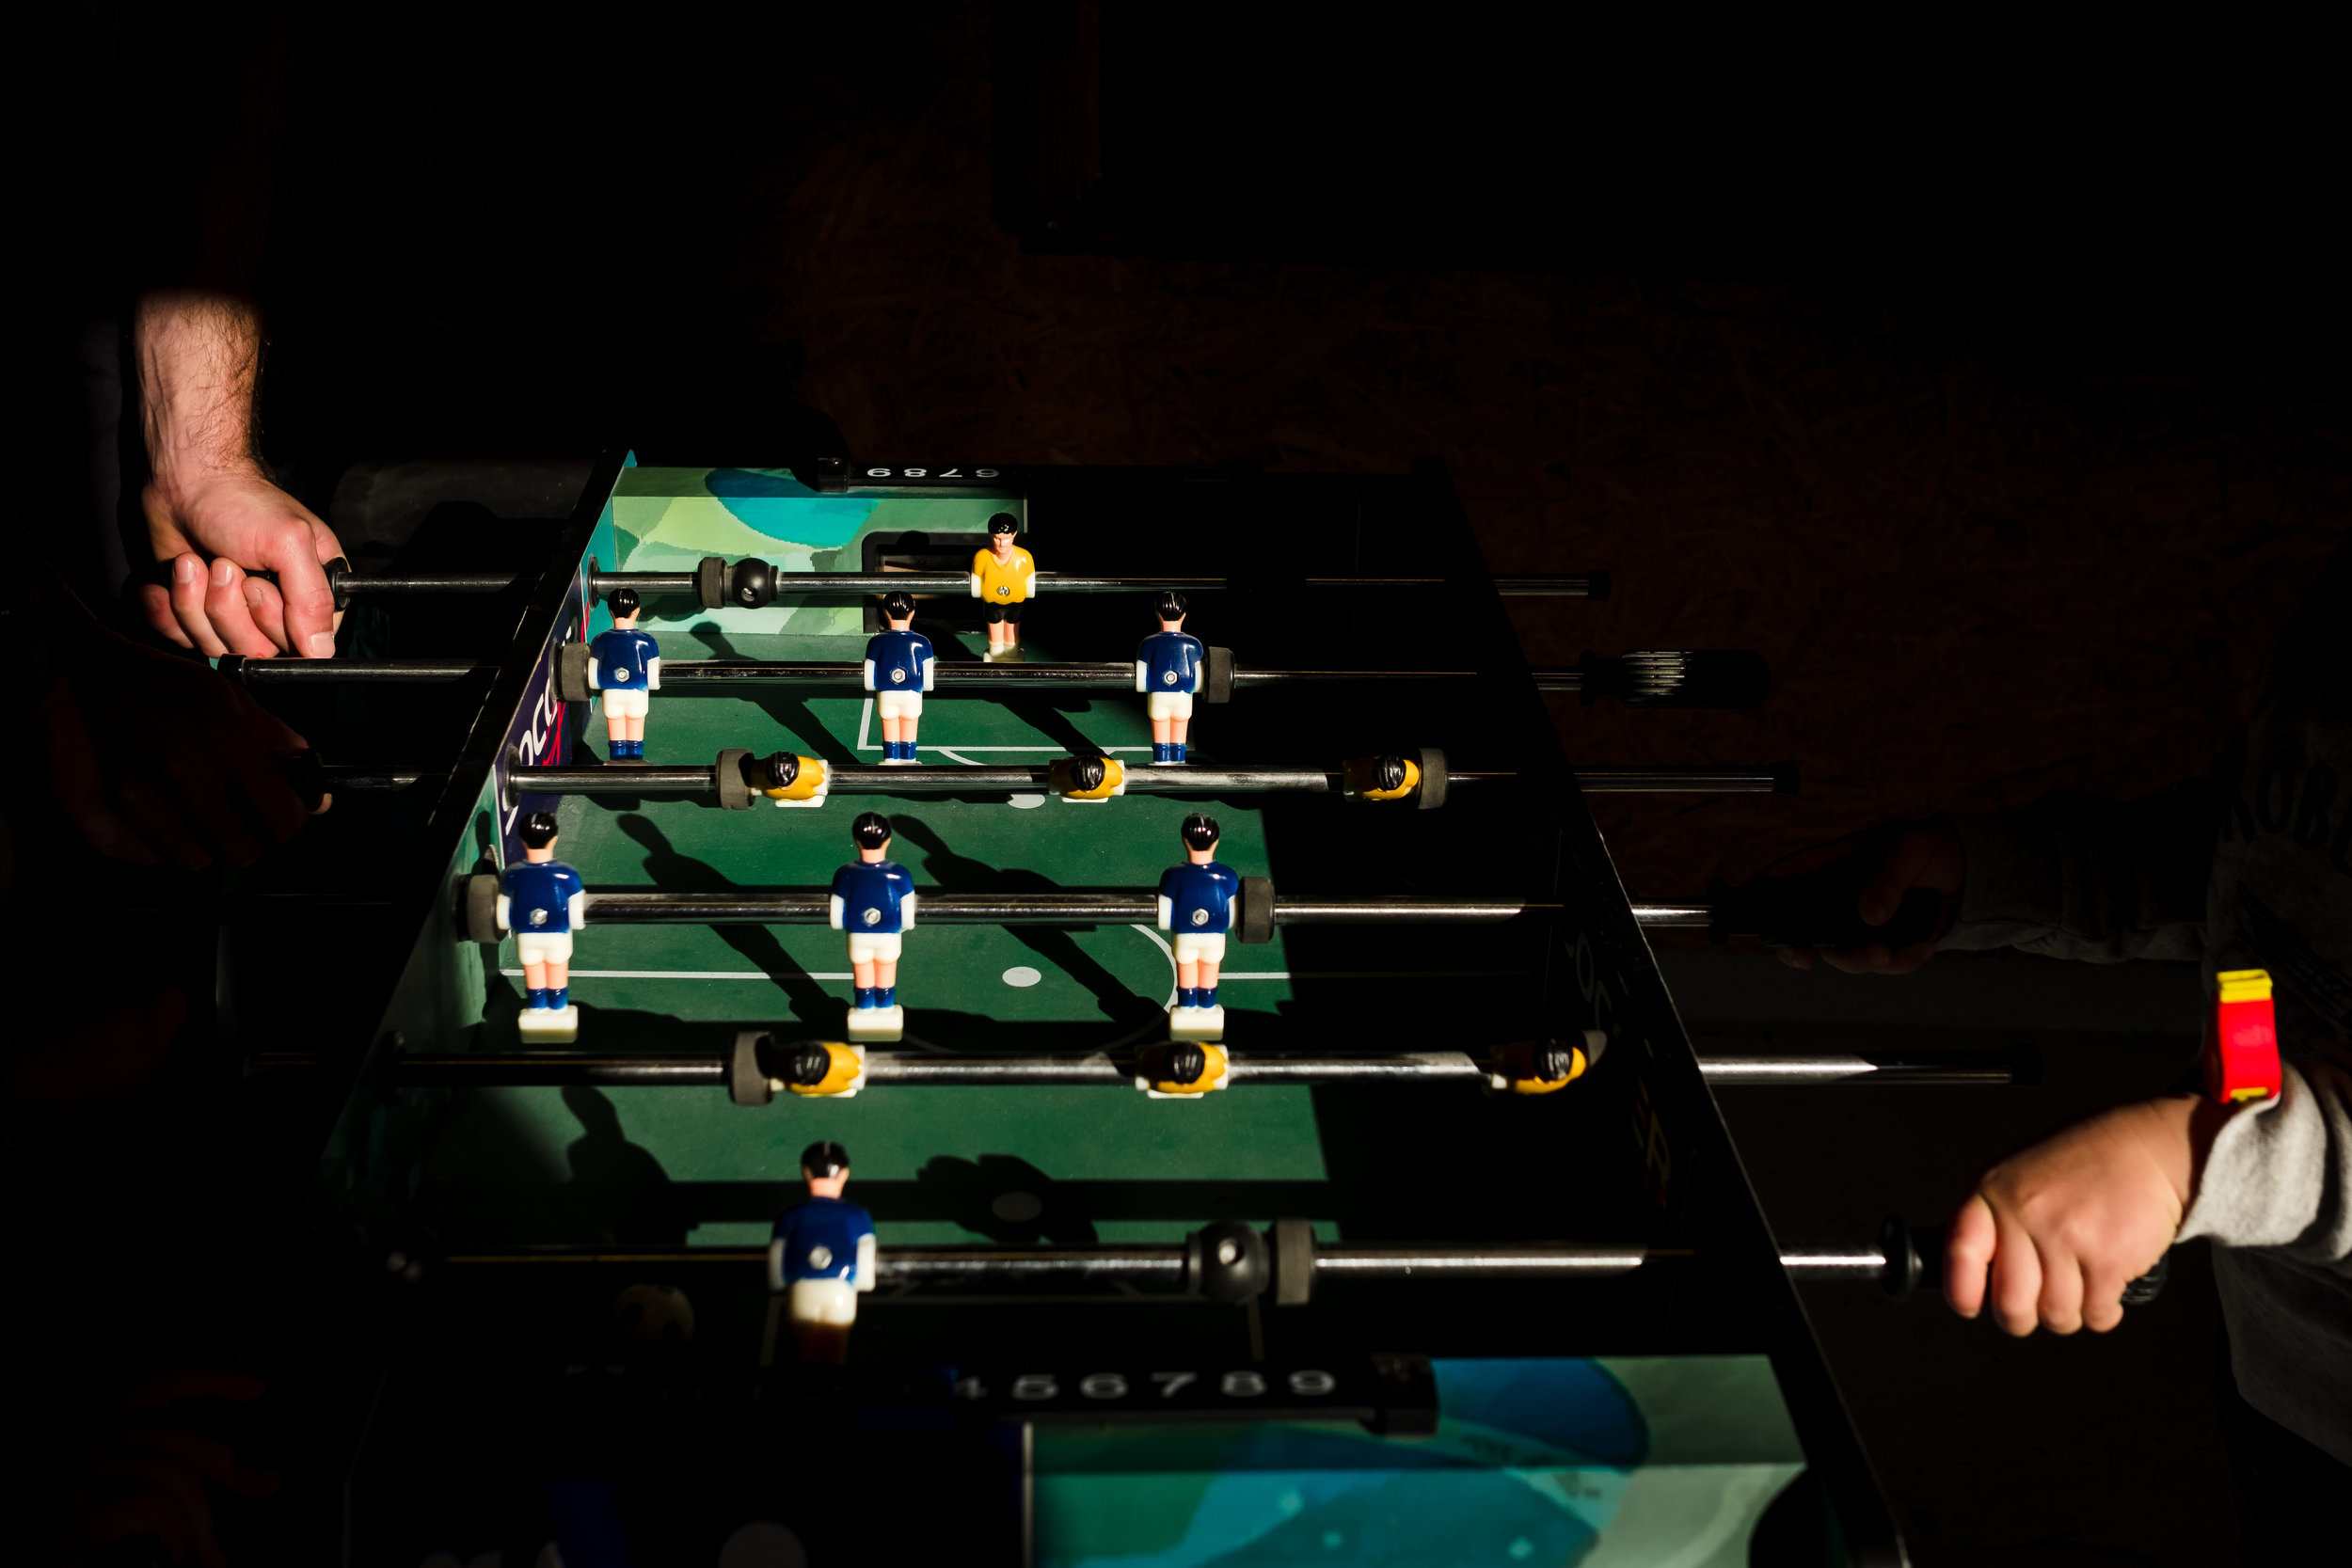 voetbaltafel met twee handen